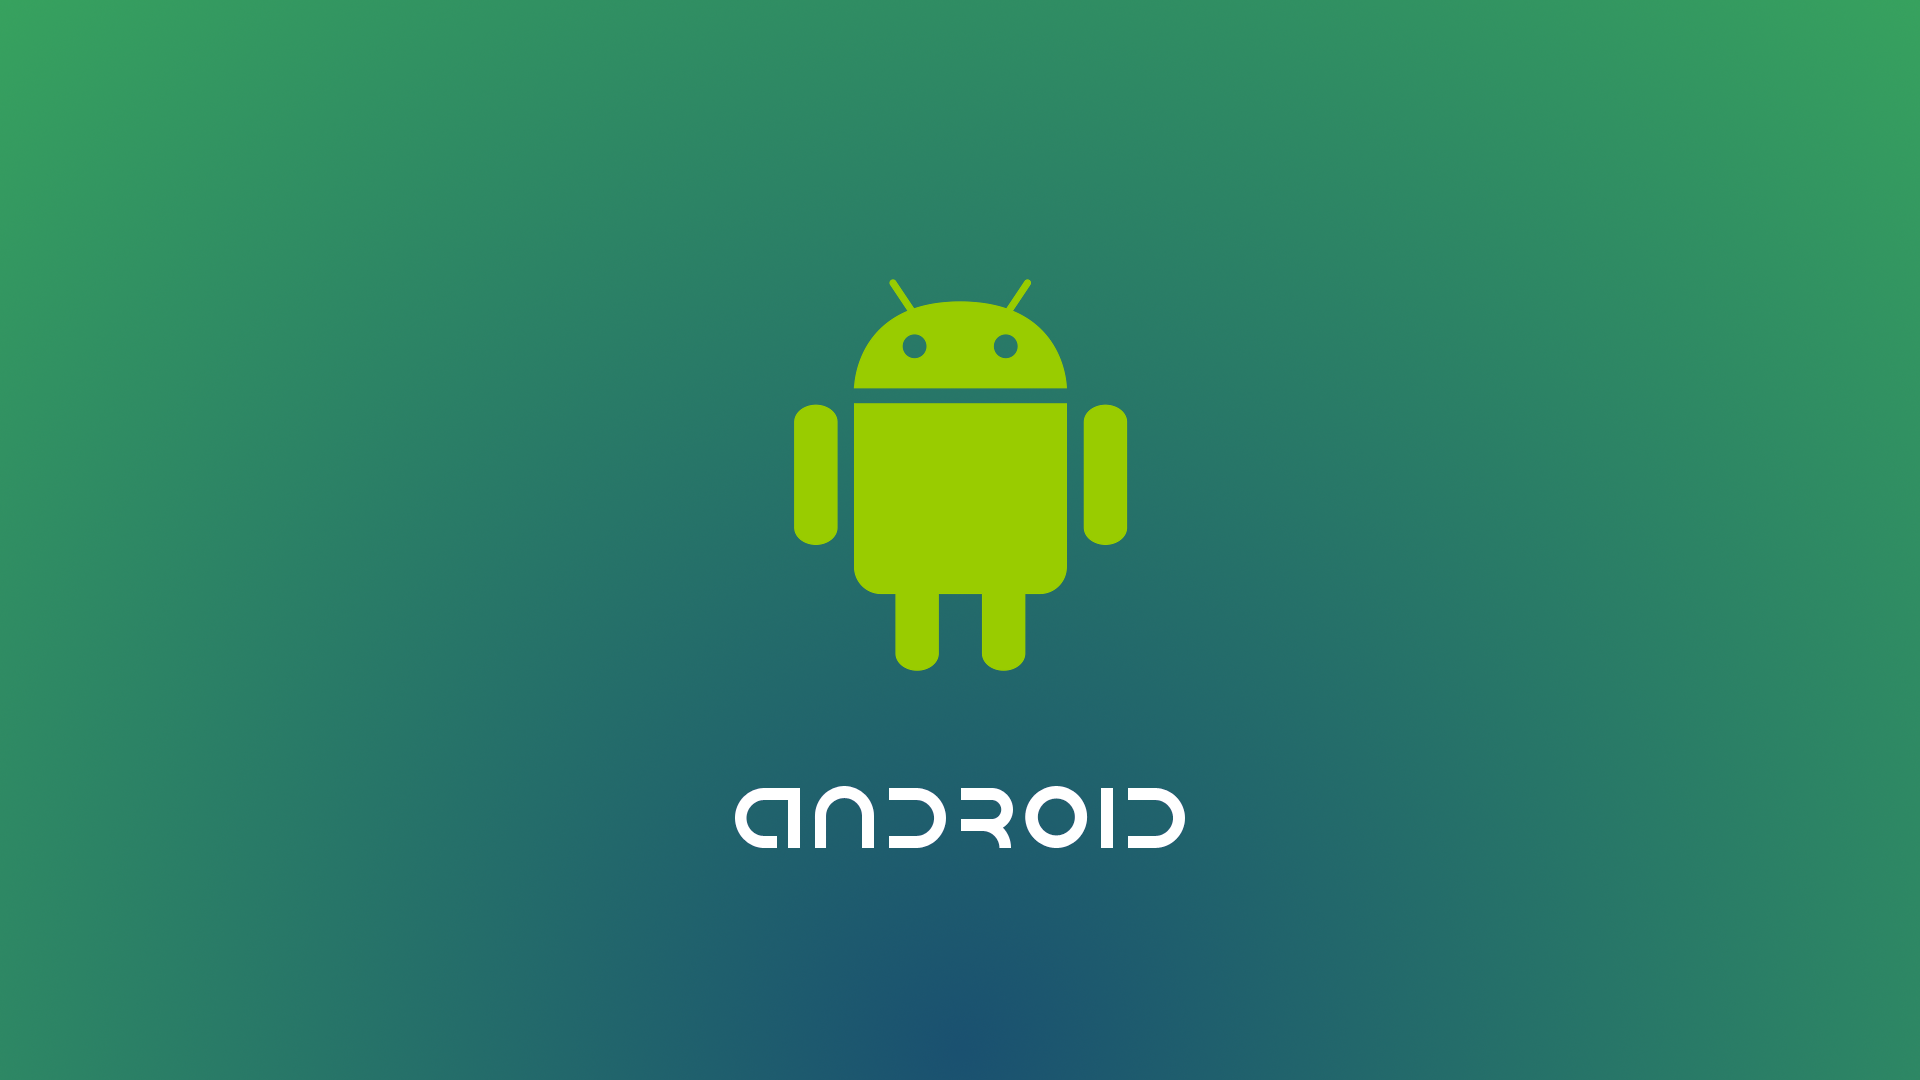 Как сохранить установленные приложения Android в виде APK файлов